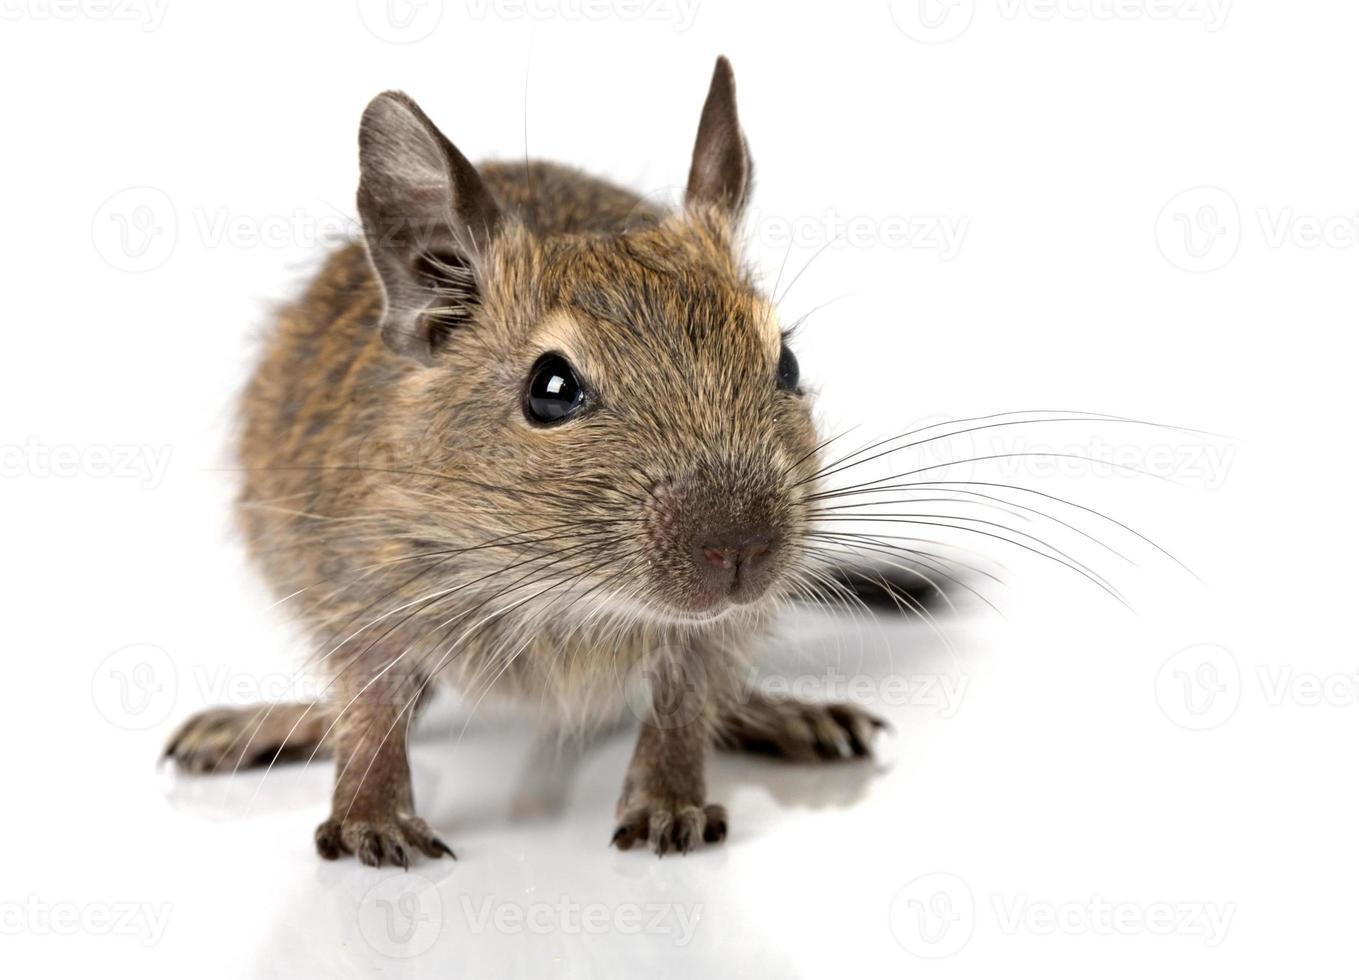 bebê pequeno bonito roedor degu animal de estimação closeup foto